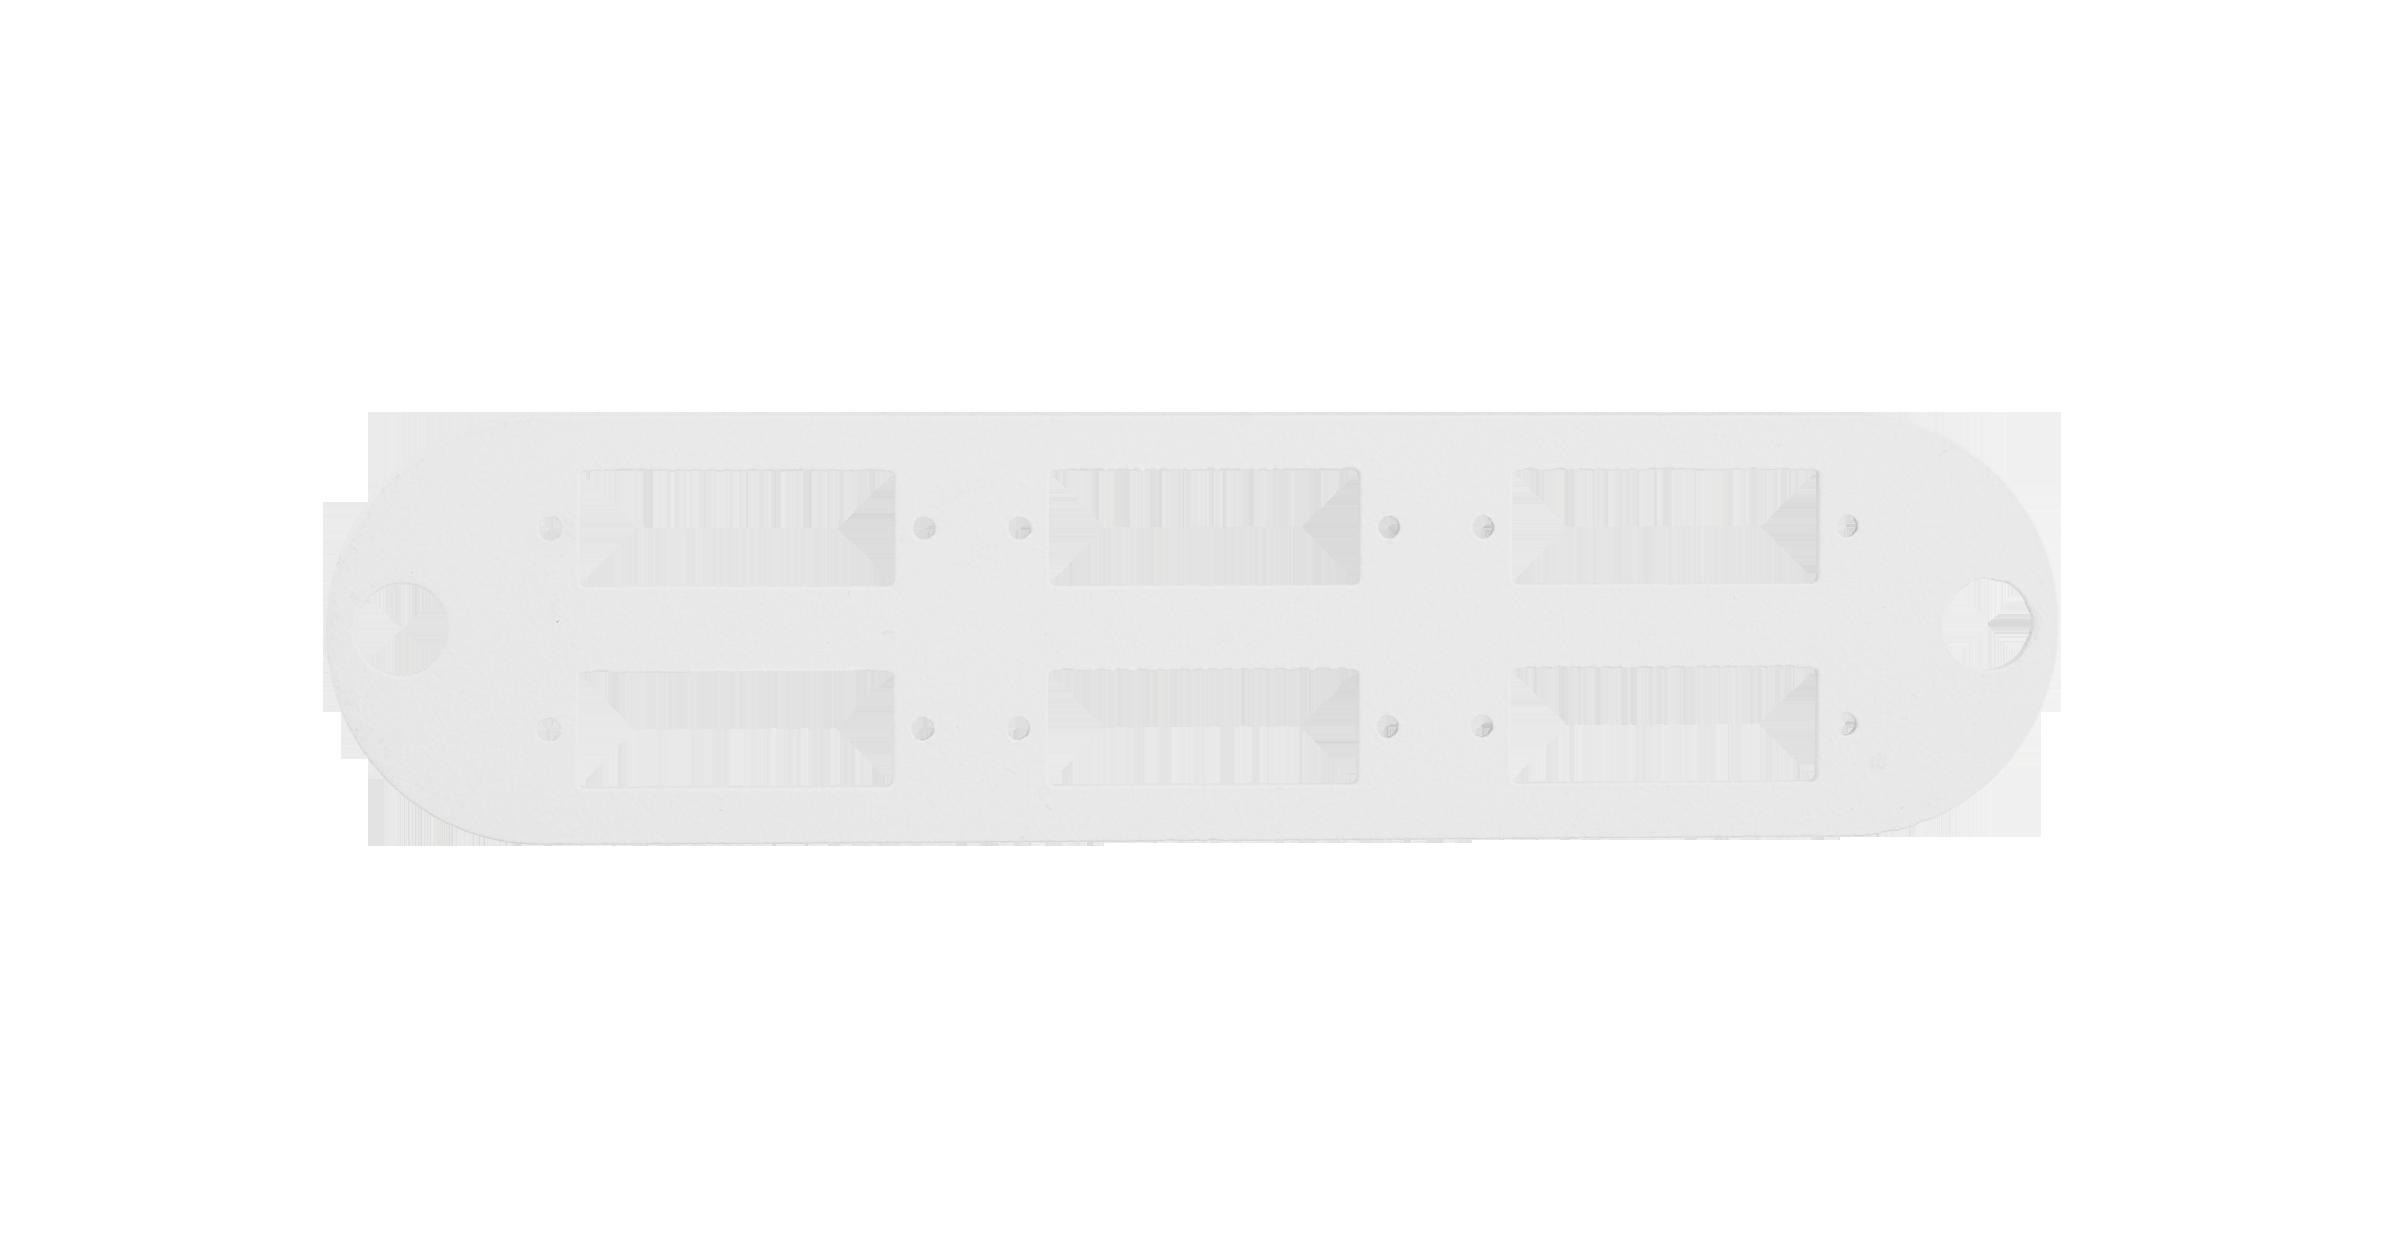 Адаптерная панель NIKOMAX TFI, до 6 двойных адаптеров SC, стальная, серая